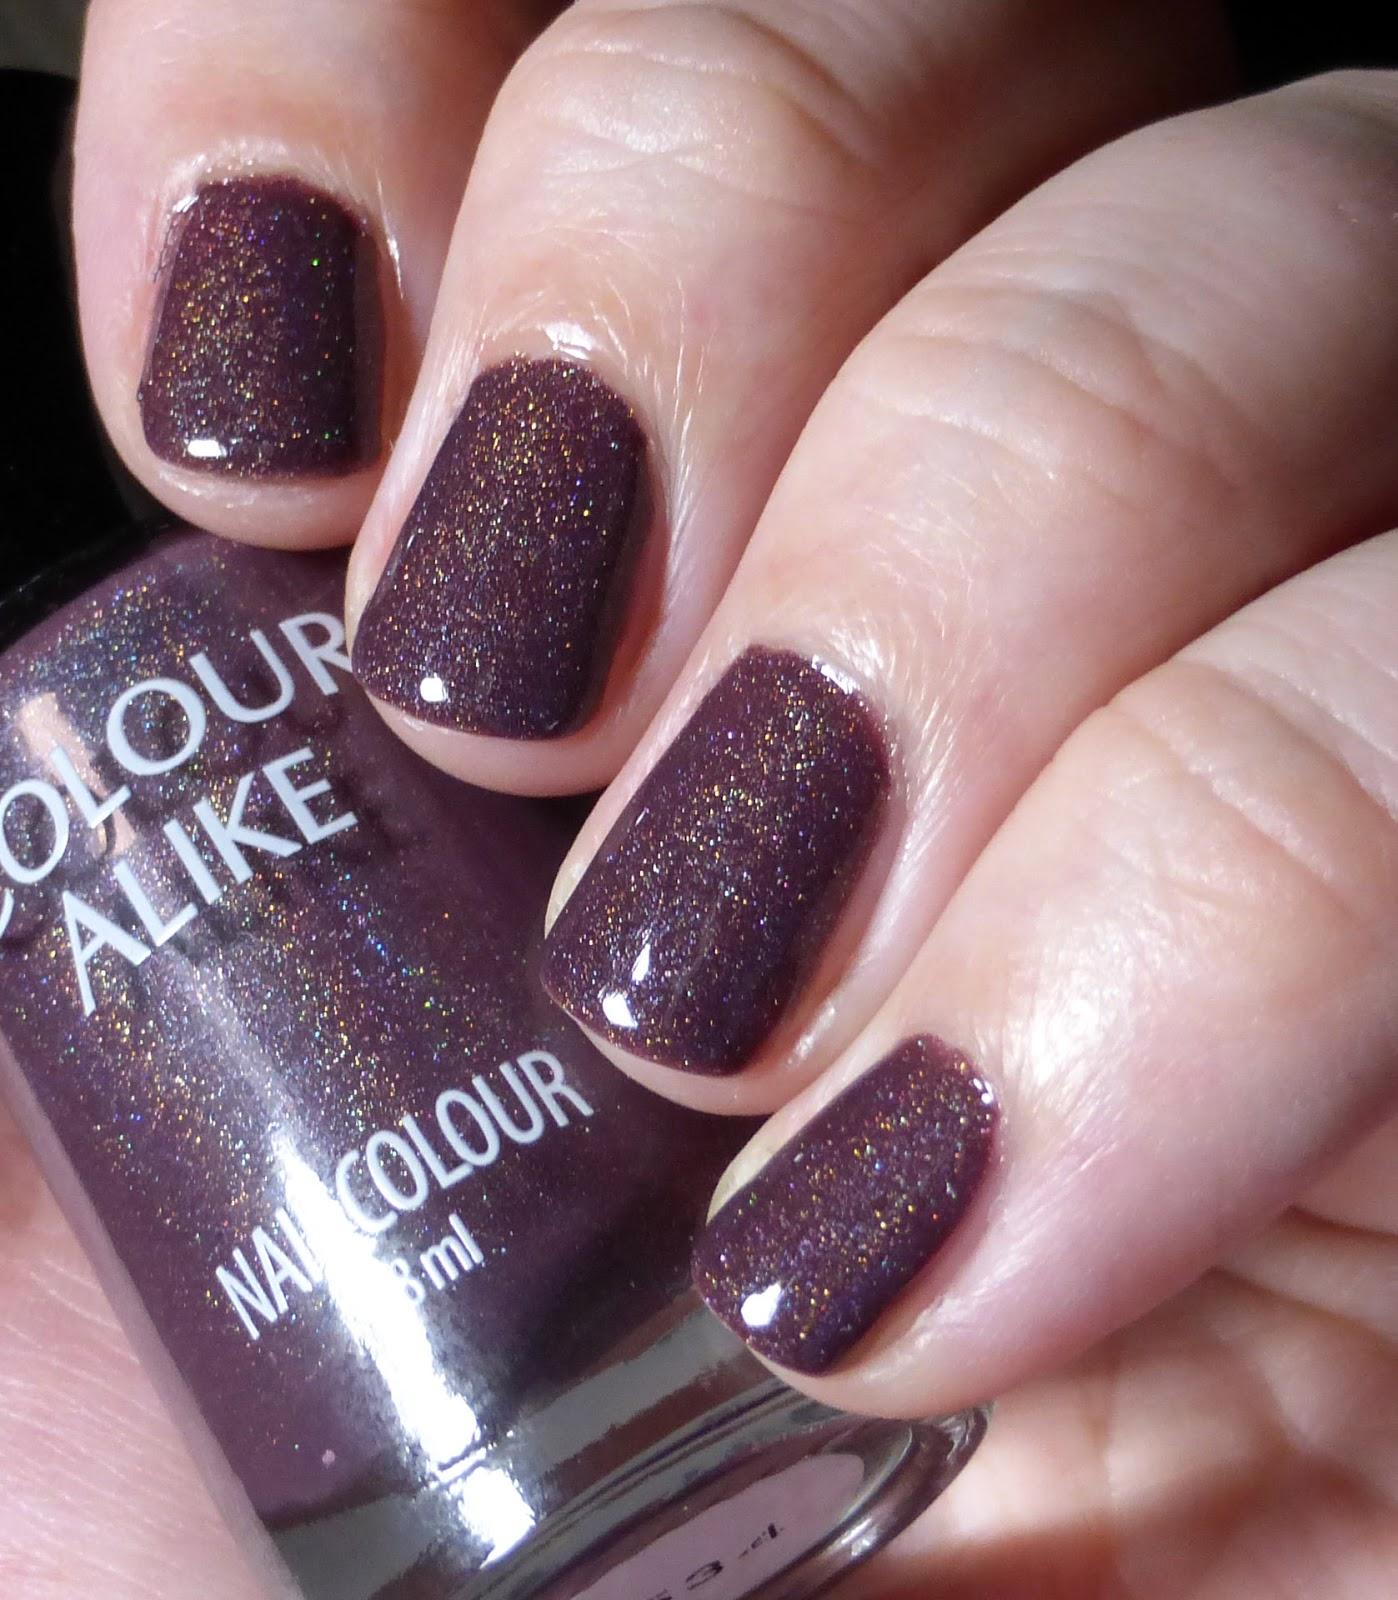 http://lackverliebt.blogspot.de/2015/01/colour-alike-holographic-jellies-534.html